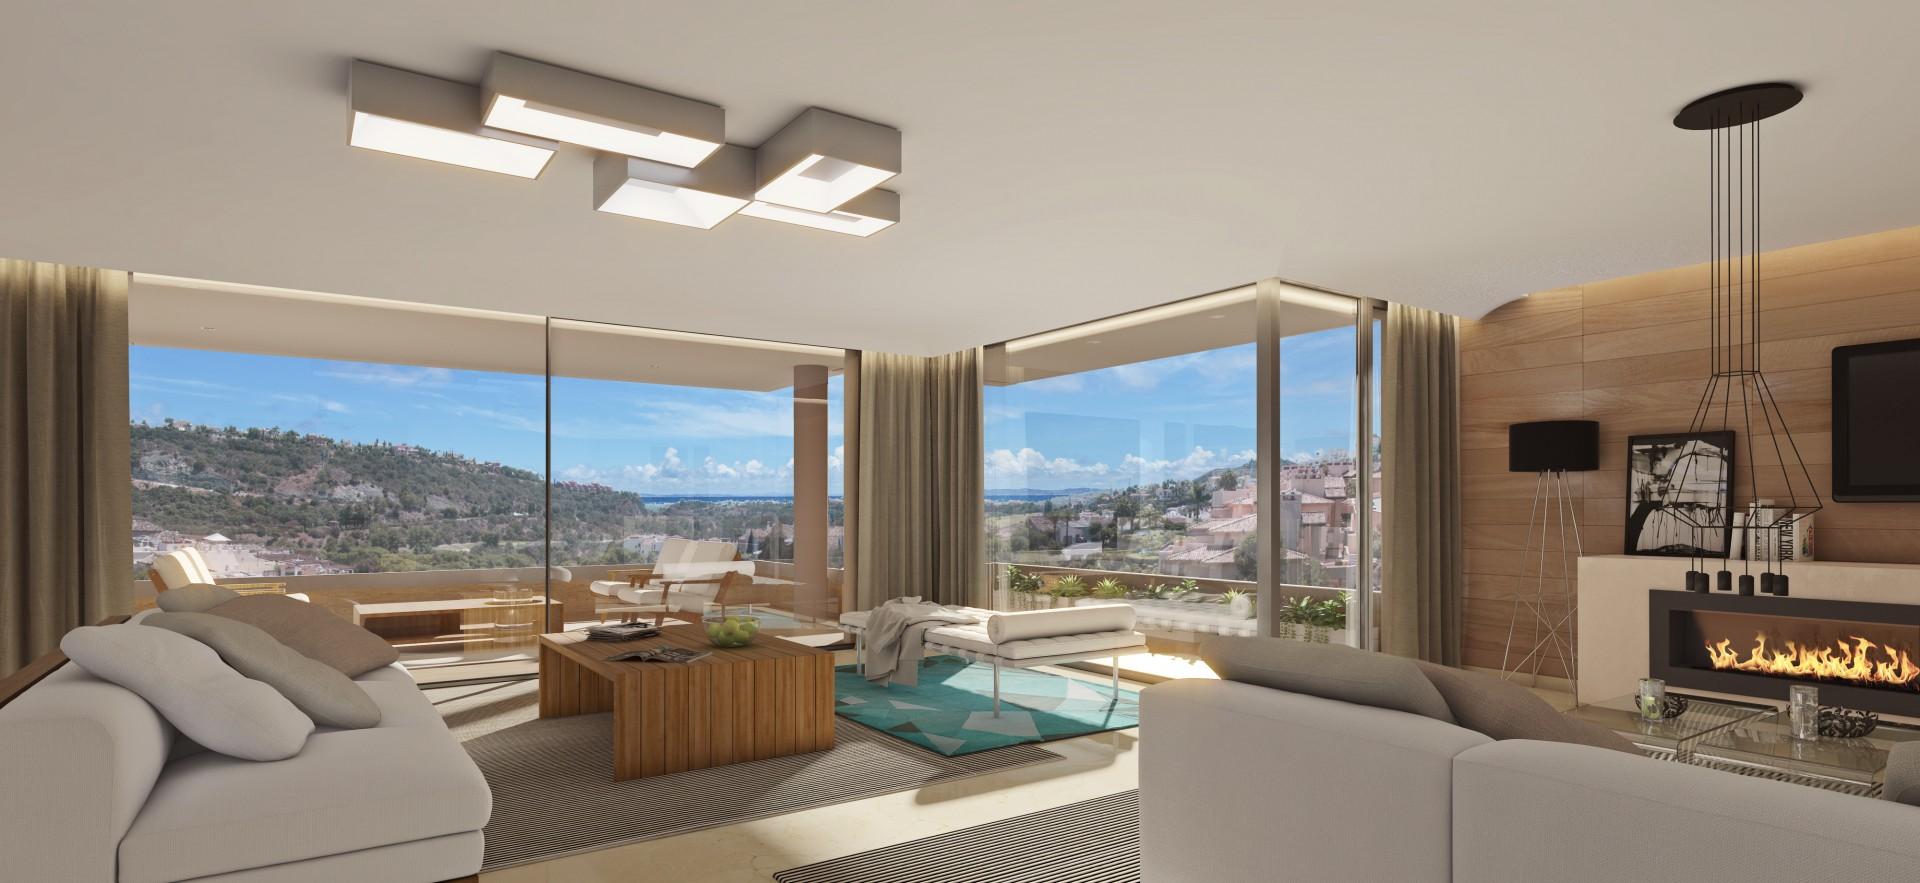 Nieuwe appartementen met panoramisch uitzicht tussen Puerto Banus en Benahavis. PL.47